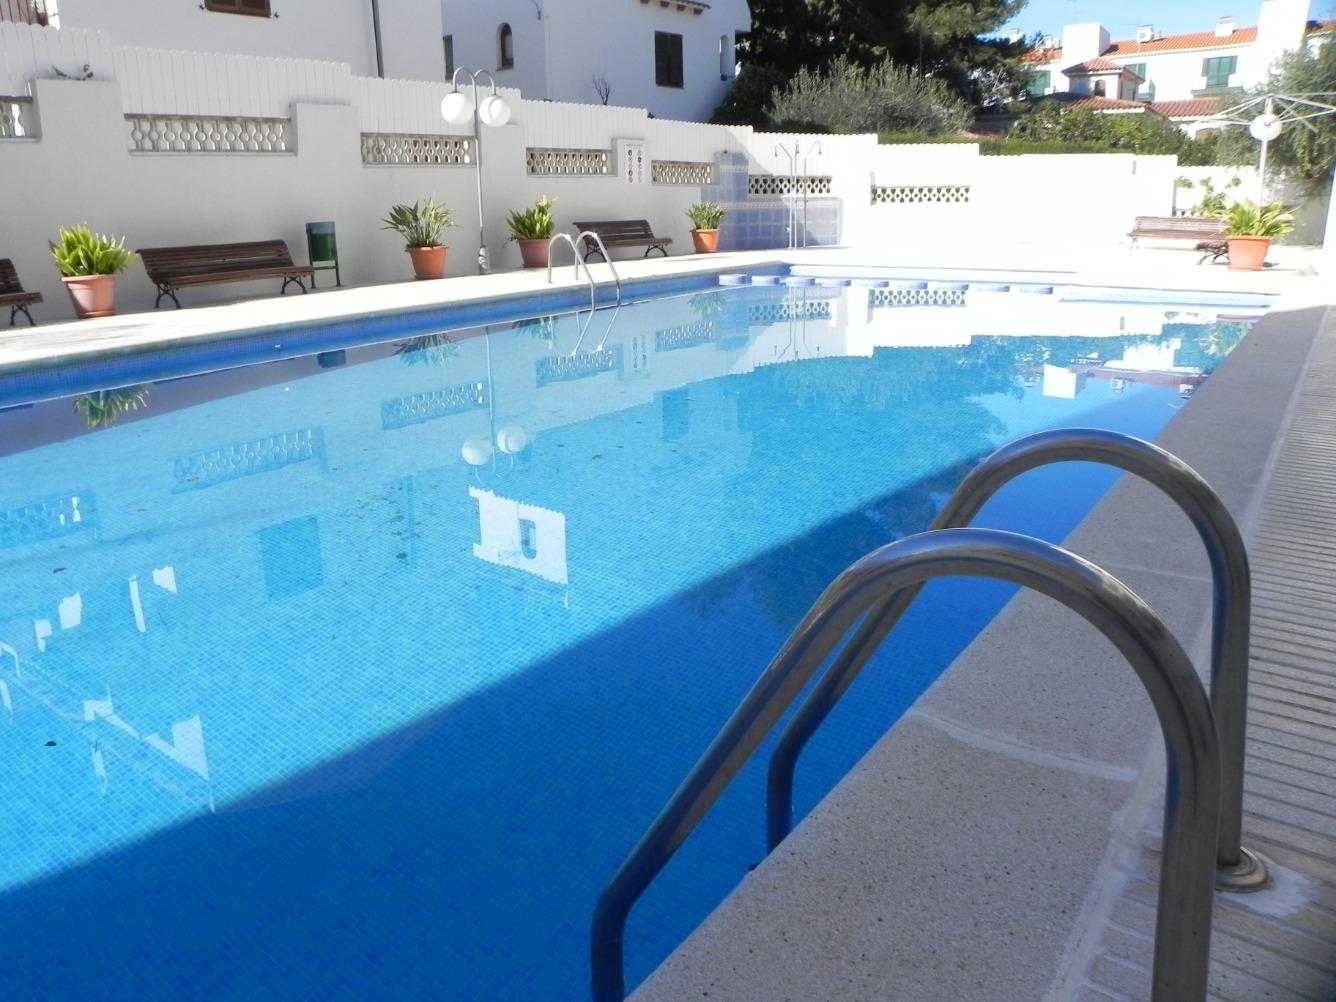 Piso  Torredembarra, zona de - torredembarra. Apartamento 2 dormitorios, 1 baño. gran terraza, parquing, jardí